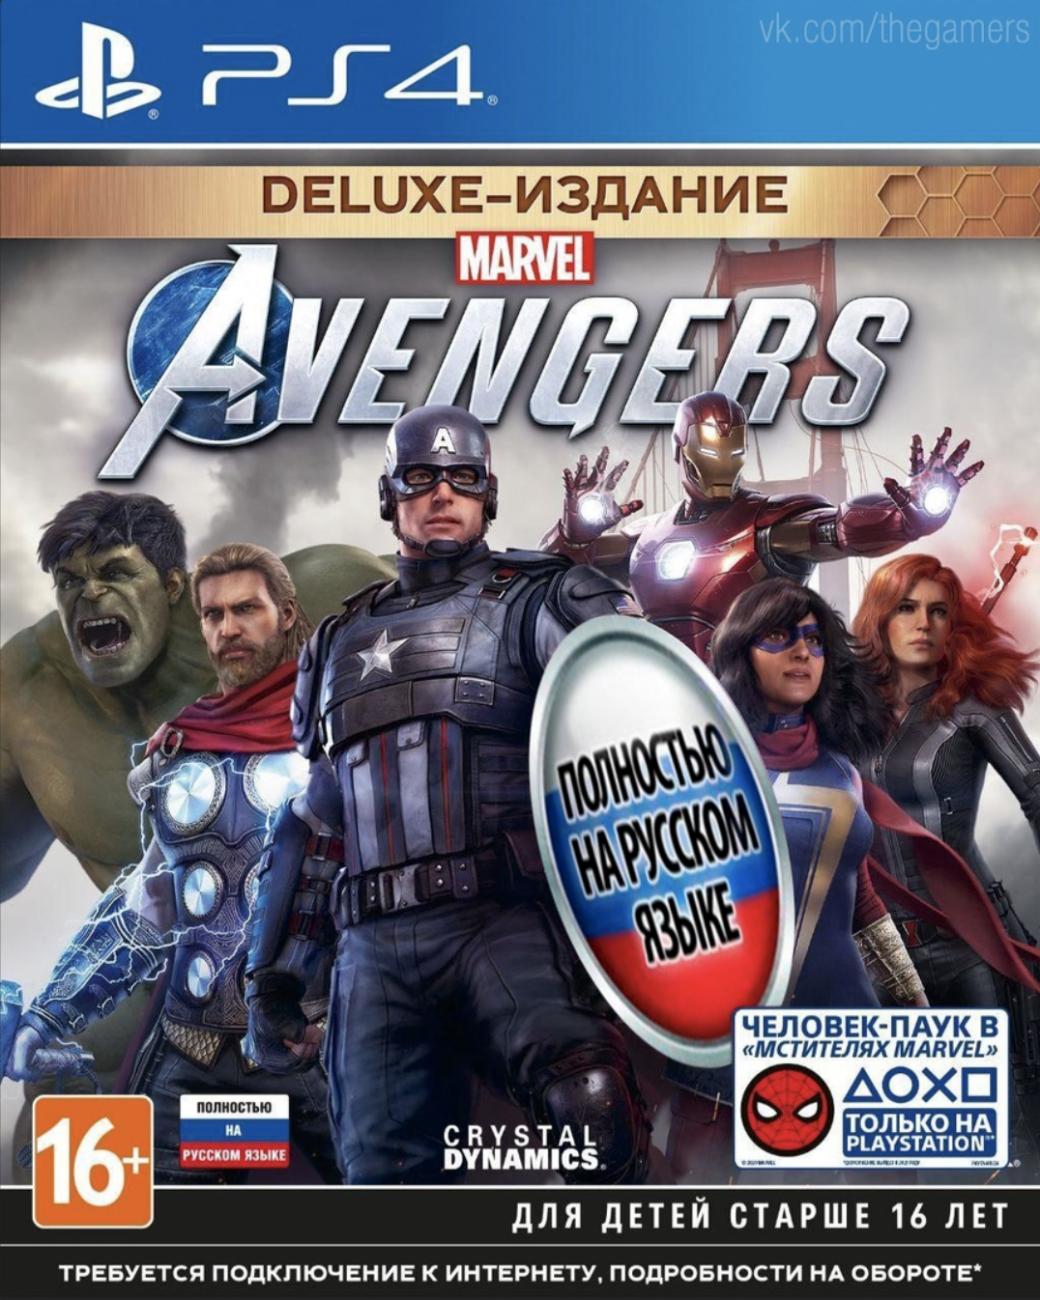 Винтернете высмеяли российские обложки новой игры про «Мстителей» | Канобу - Изображение 4185